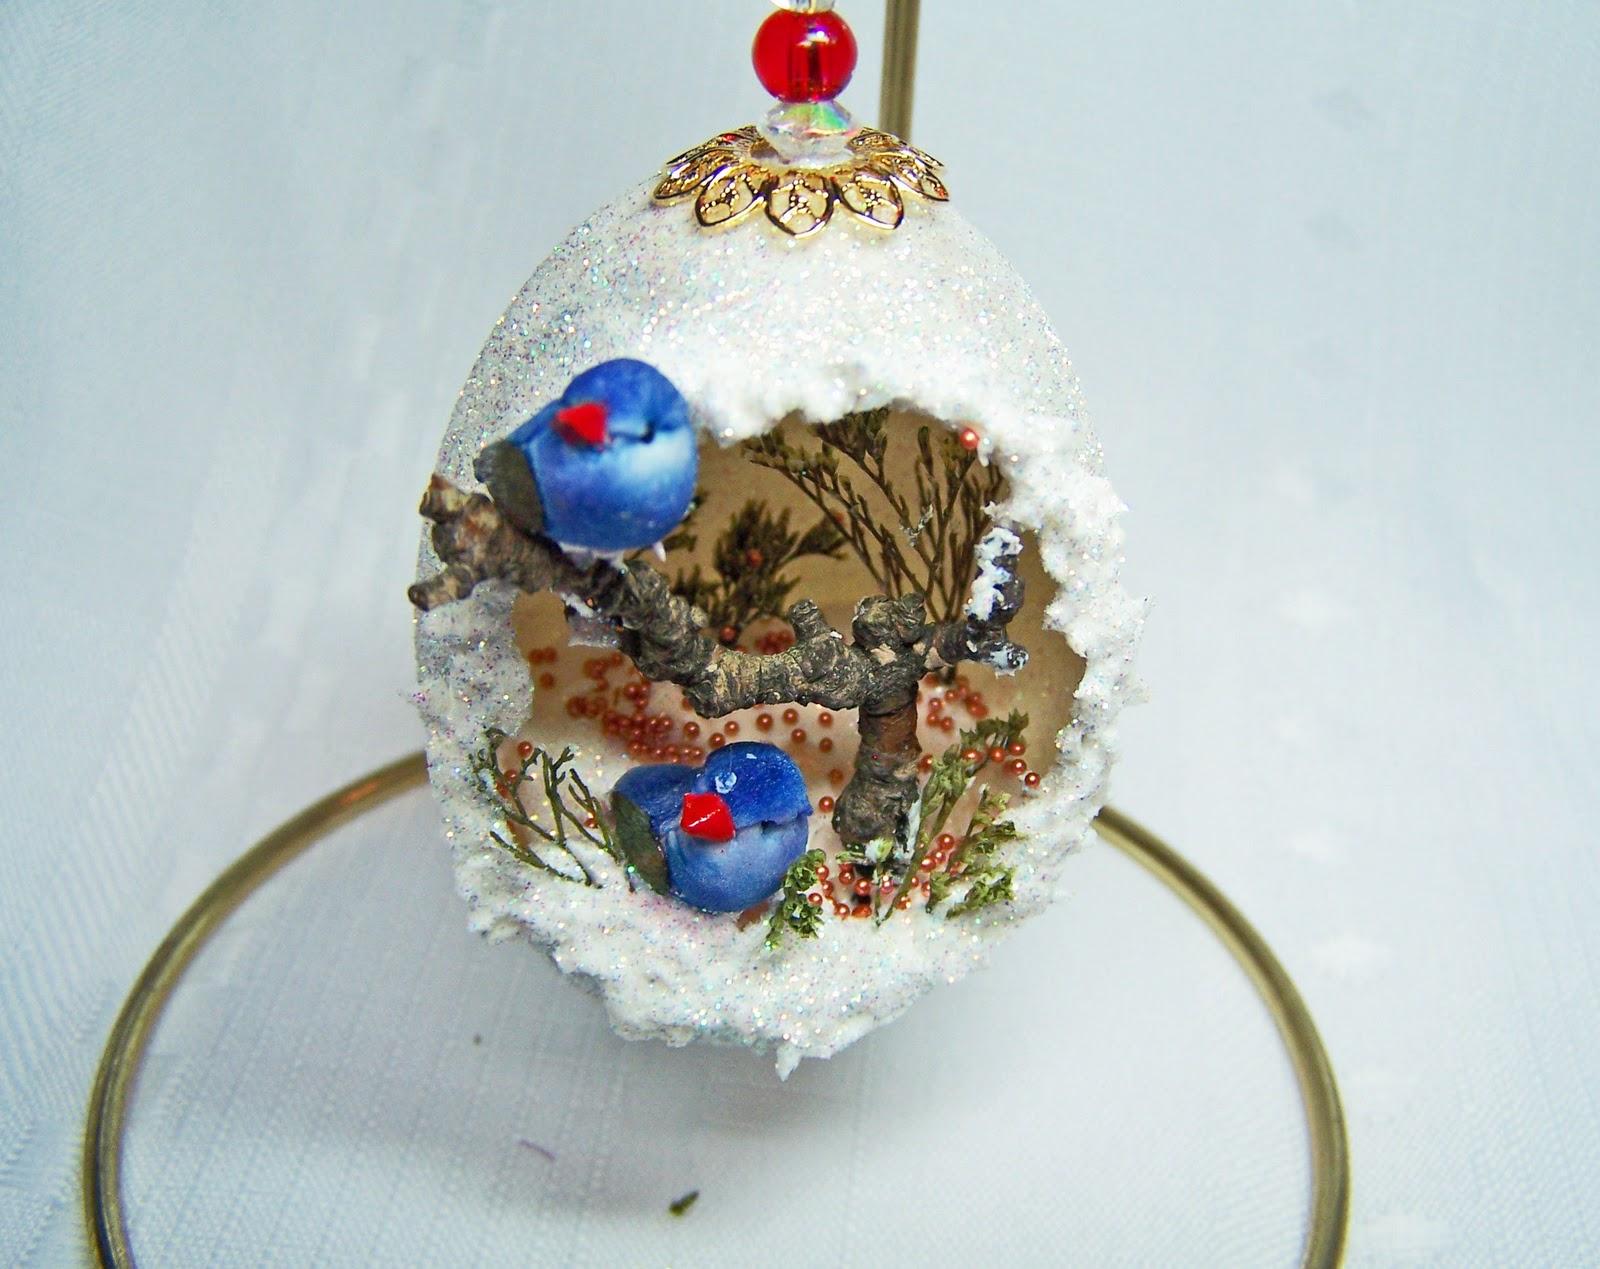 http://3.bp.blogspot.com/_8zWvv4PJbL8/TJ5PsjPK2xI/AAAAAAAAAyM/hs3Bu1fntfM/s1600/blue+bird+egg+CU.jpg